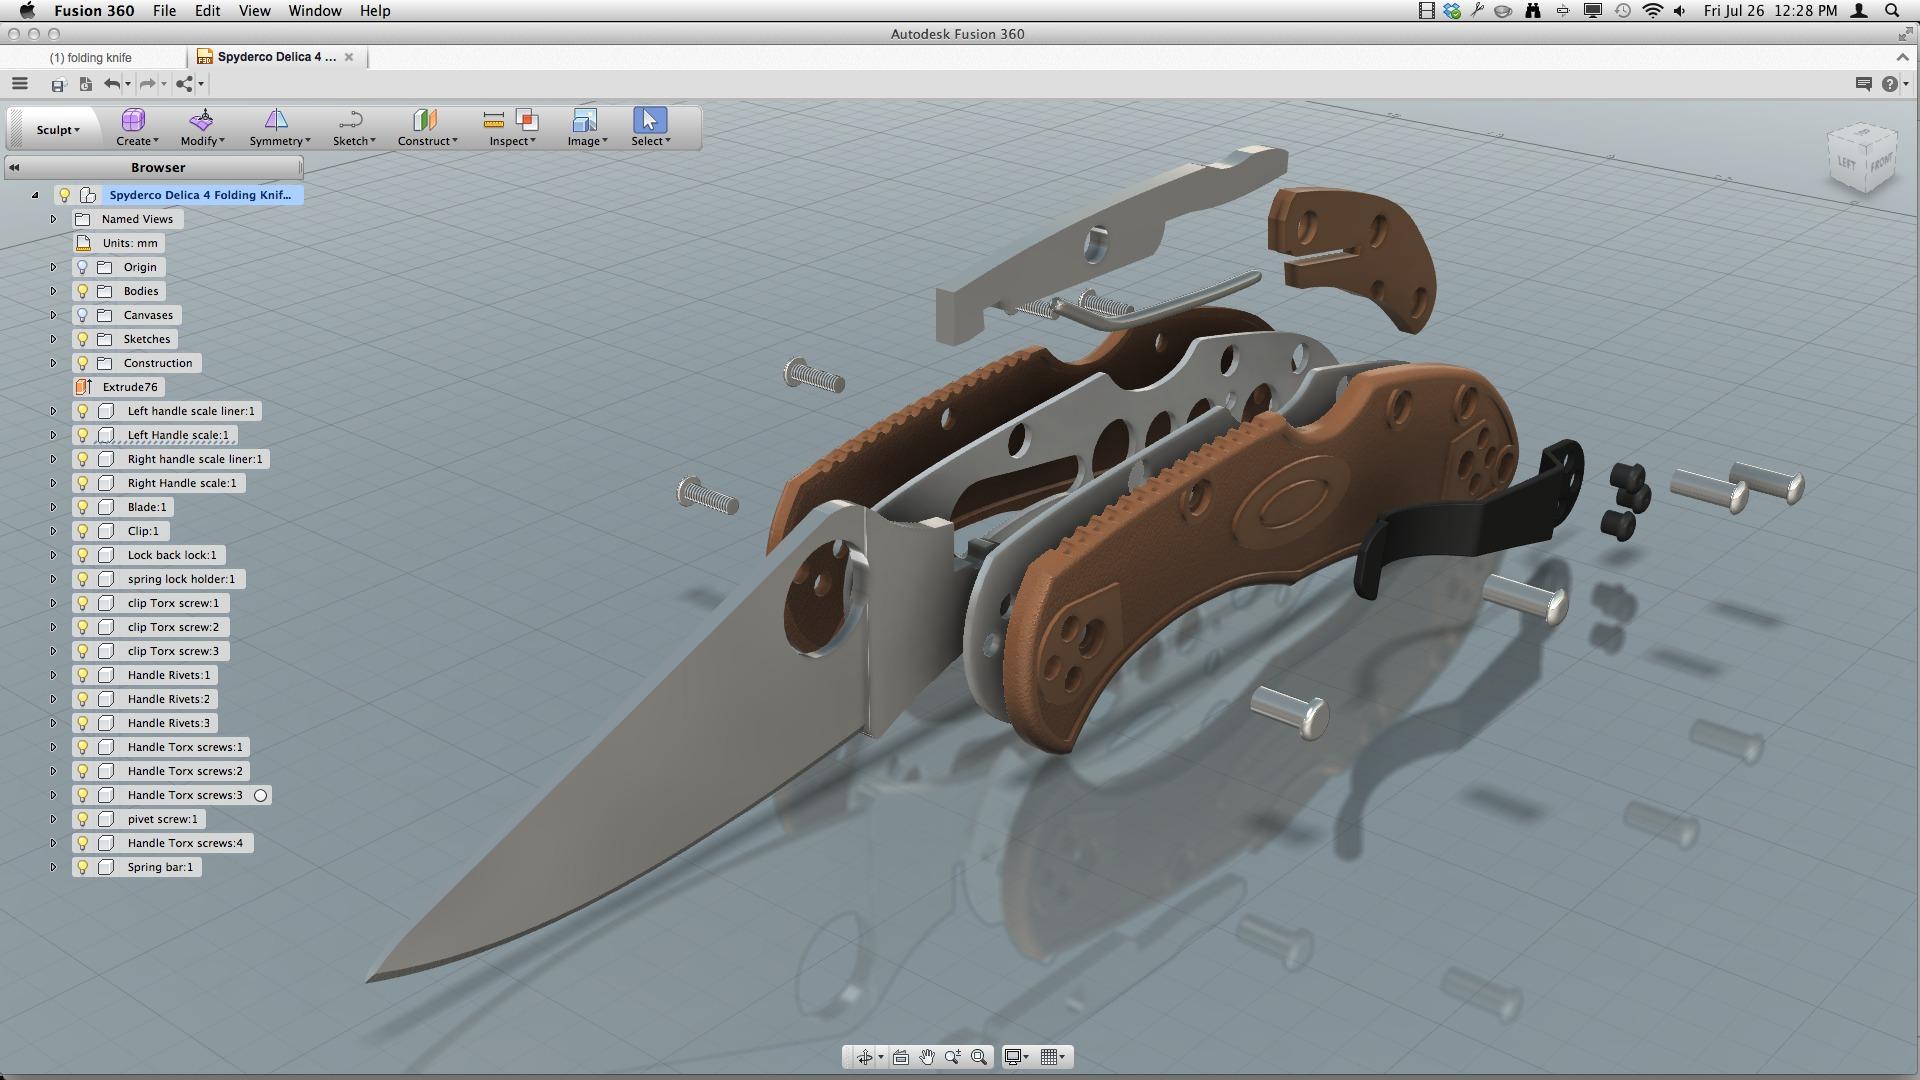 Spyderco Delica 4 |Autodesk Online Gallery